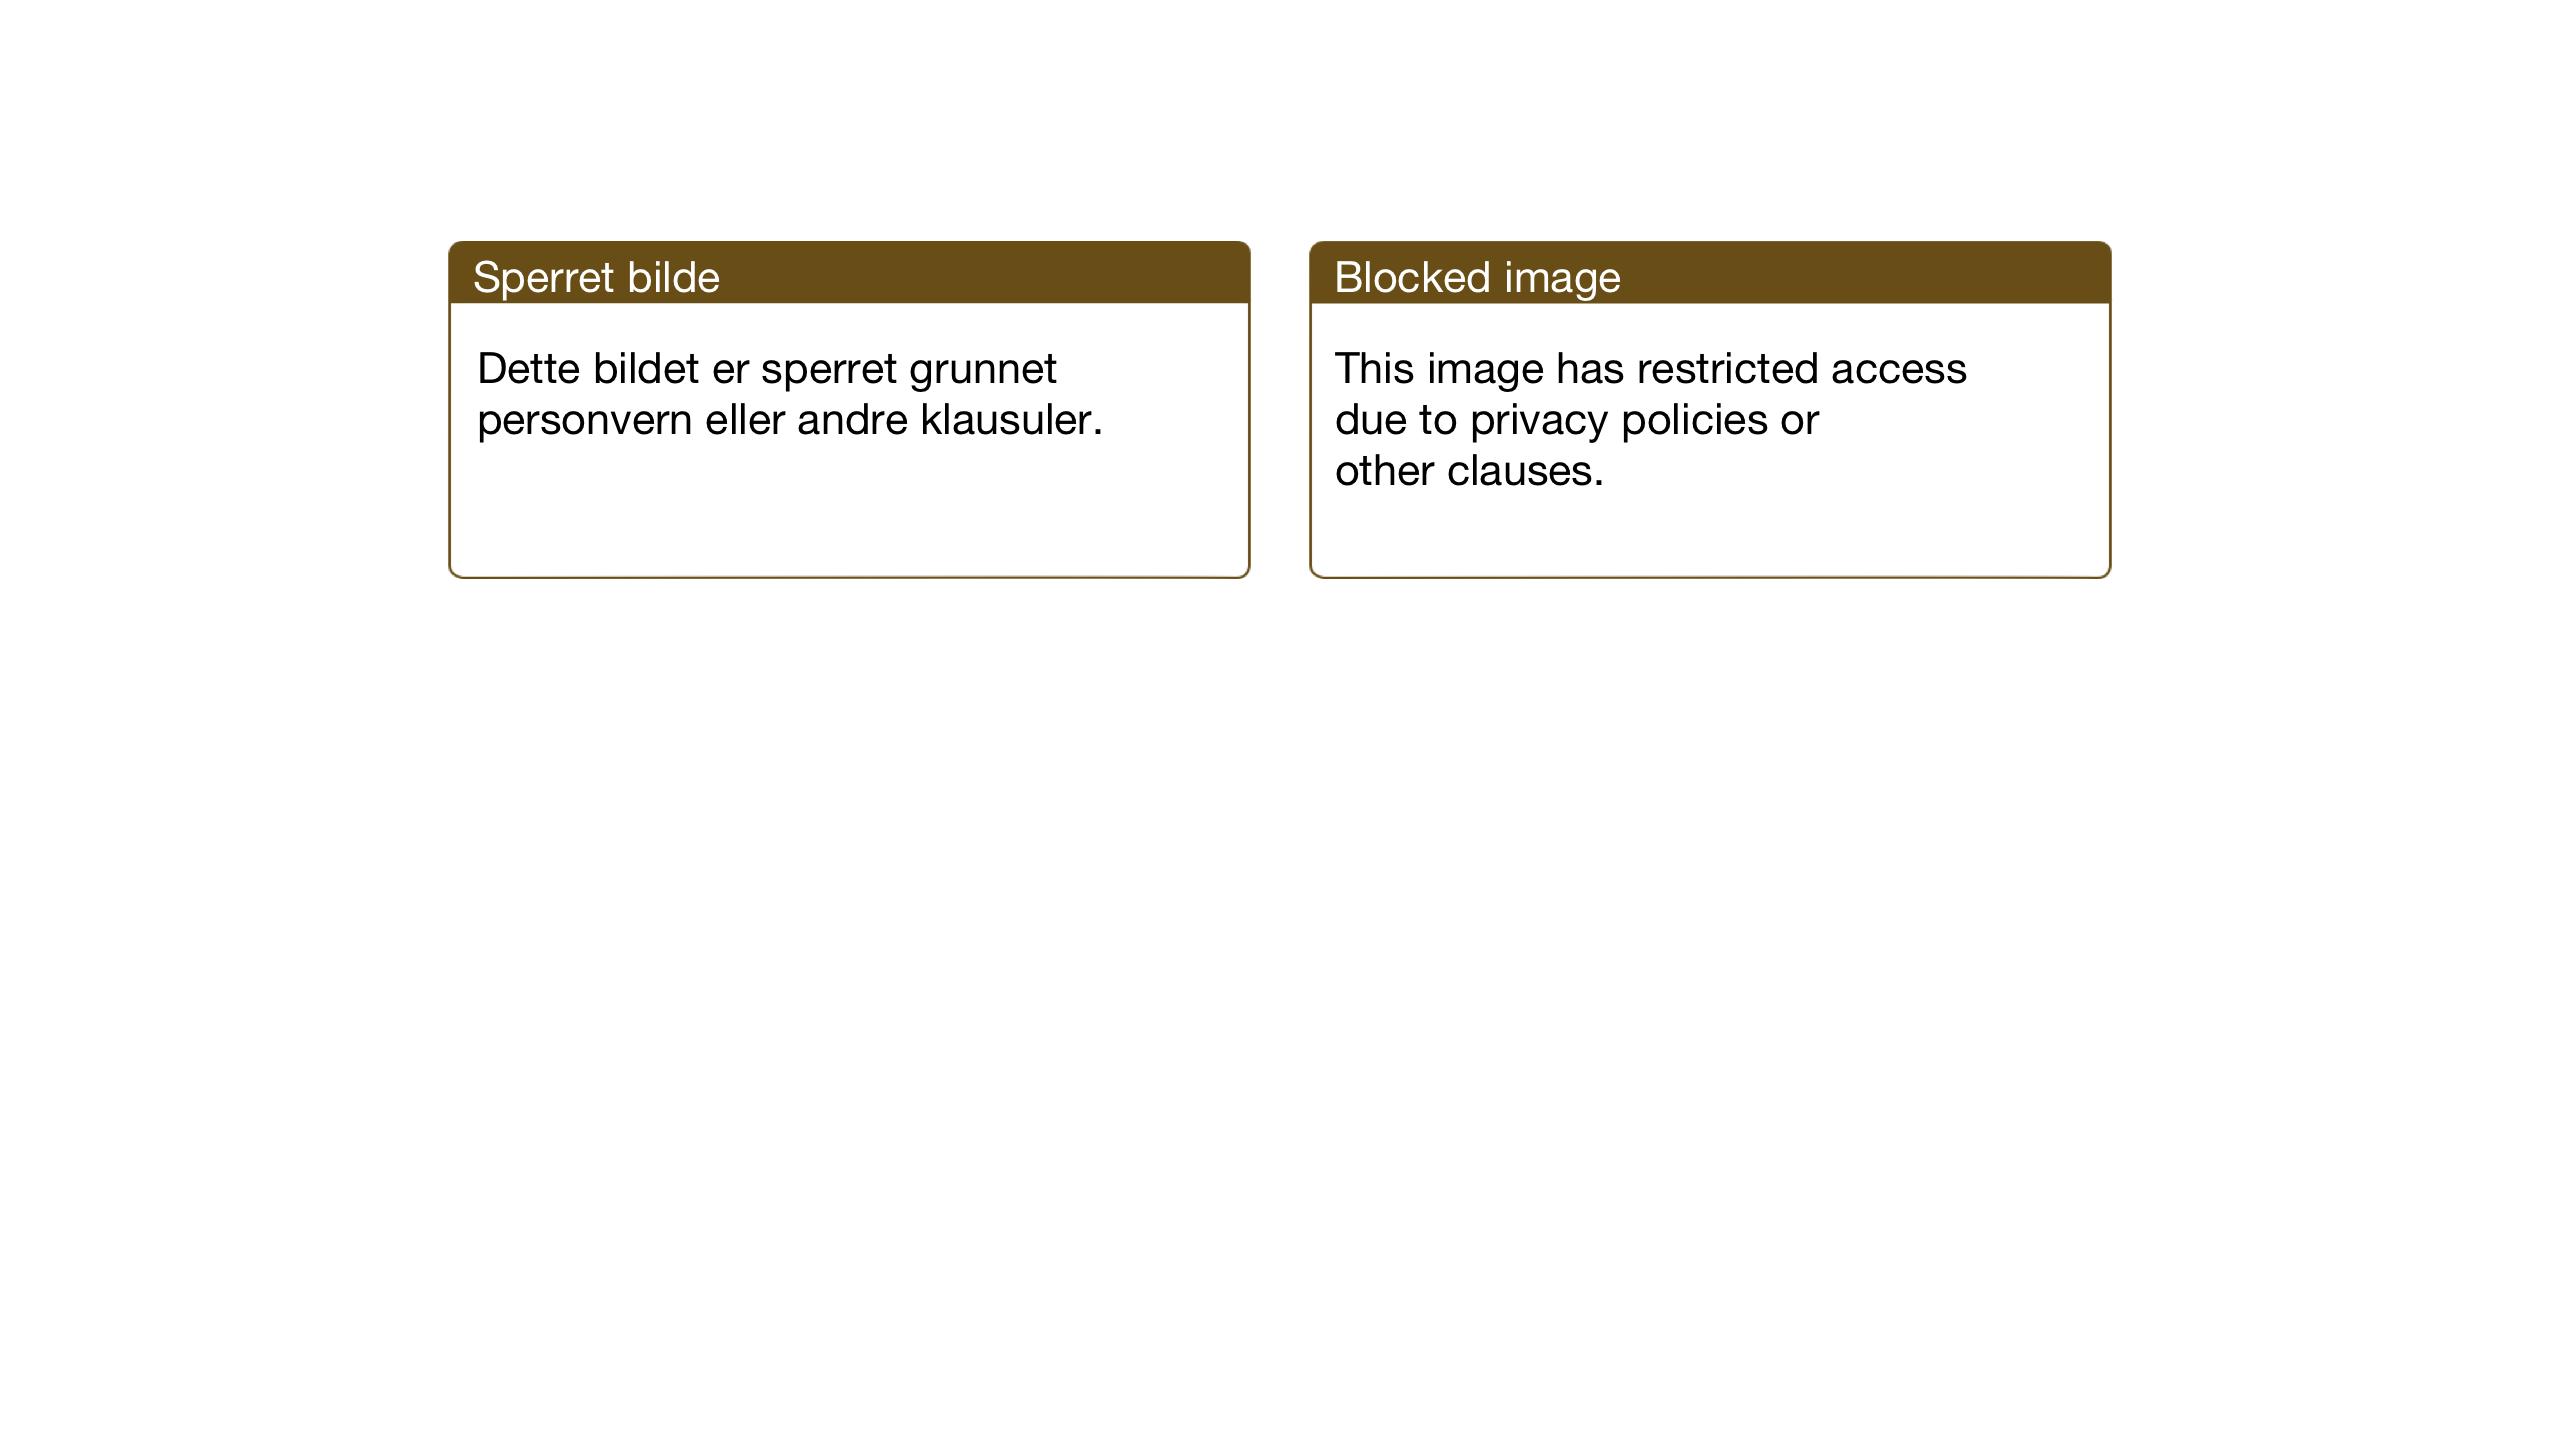 SAT, Ministerialprotokoller, klokkerbøker og fødselsregistre - Sør-Trøndelag, 655/L0690: Klokkerbok nr. 655C06, 1937-1950, s. 85